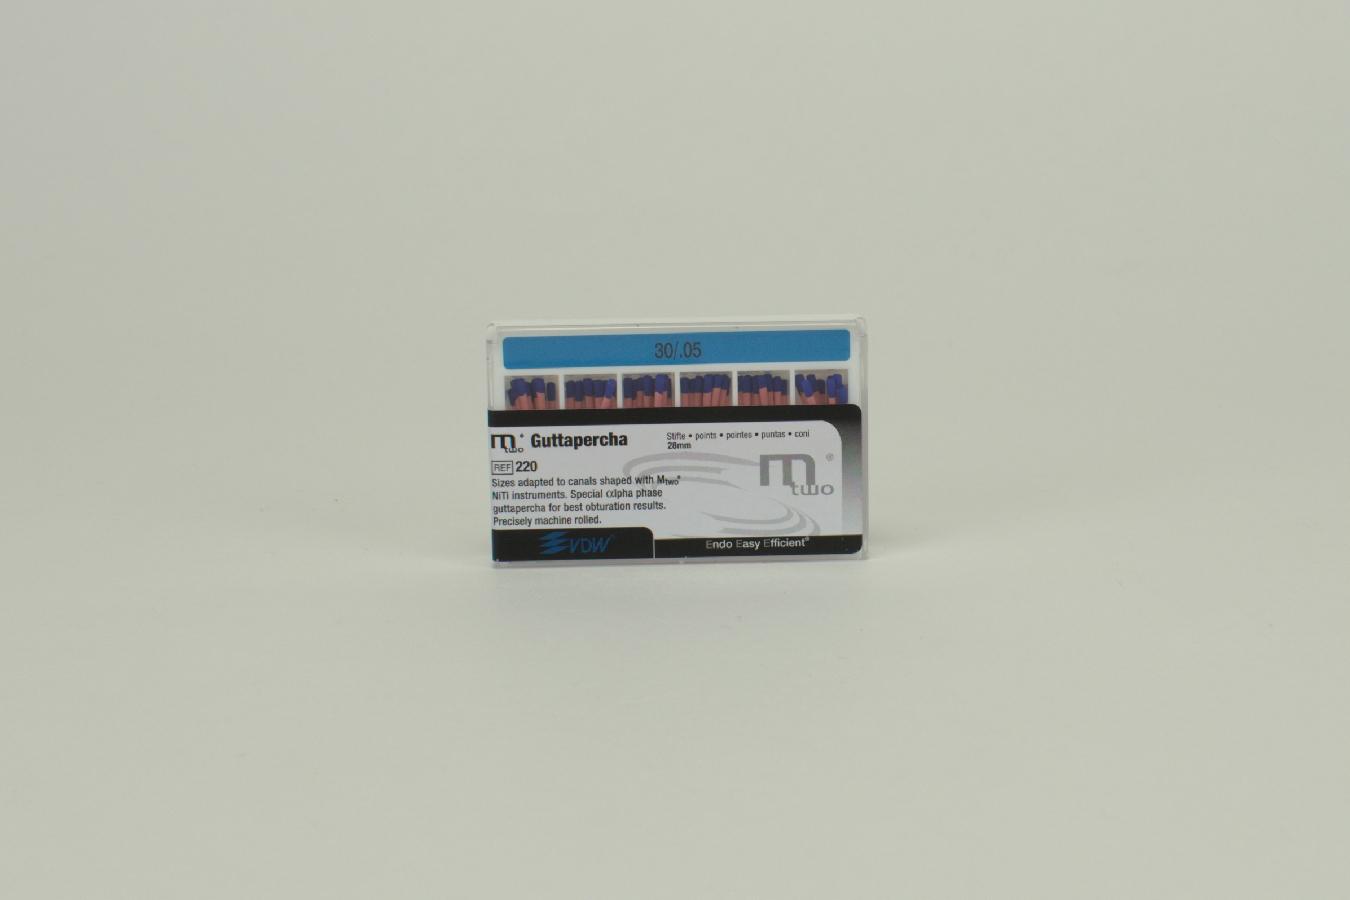 MTWO Guttaperchastifte 30/.05 60 Stück